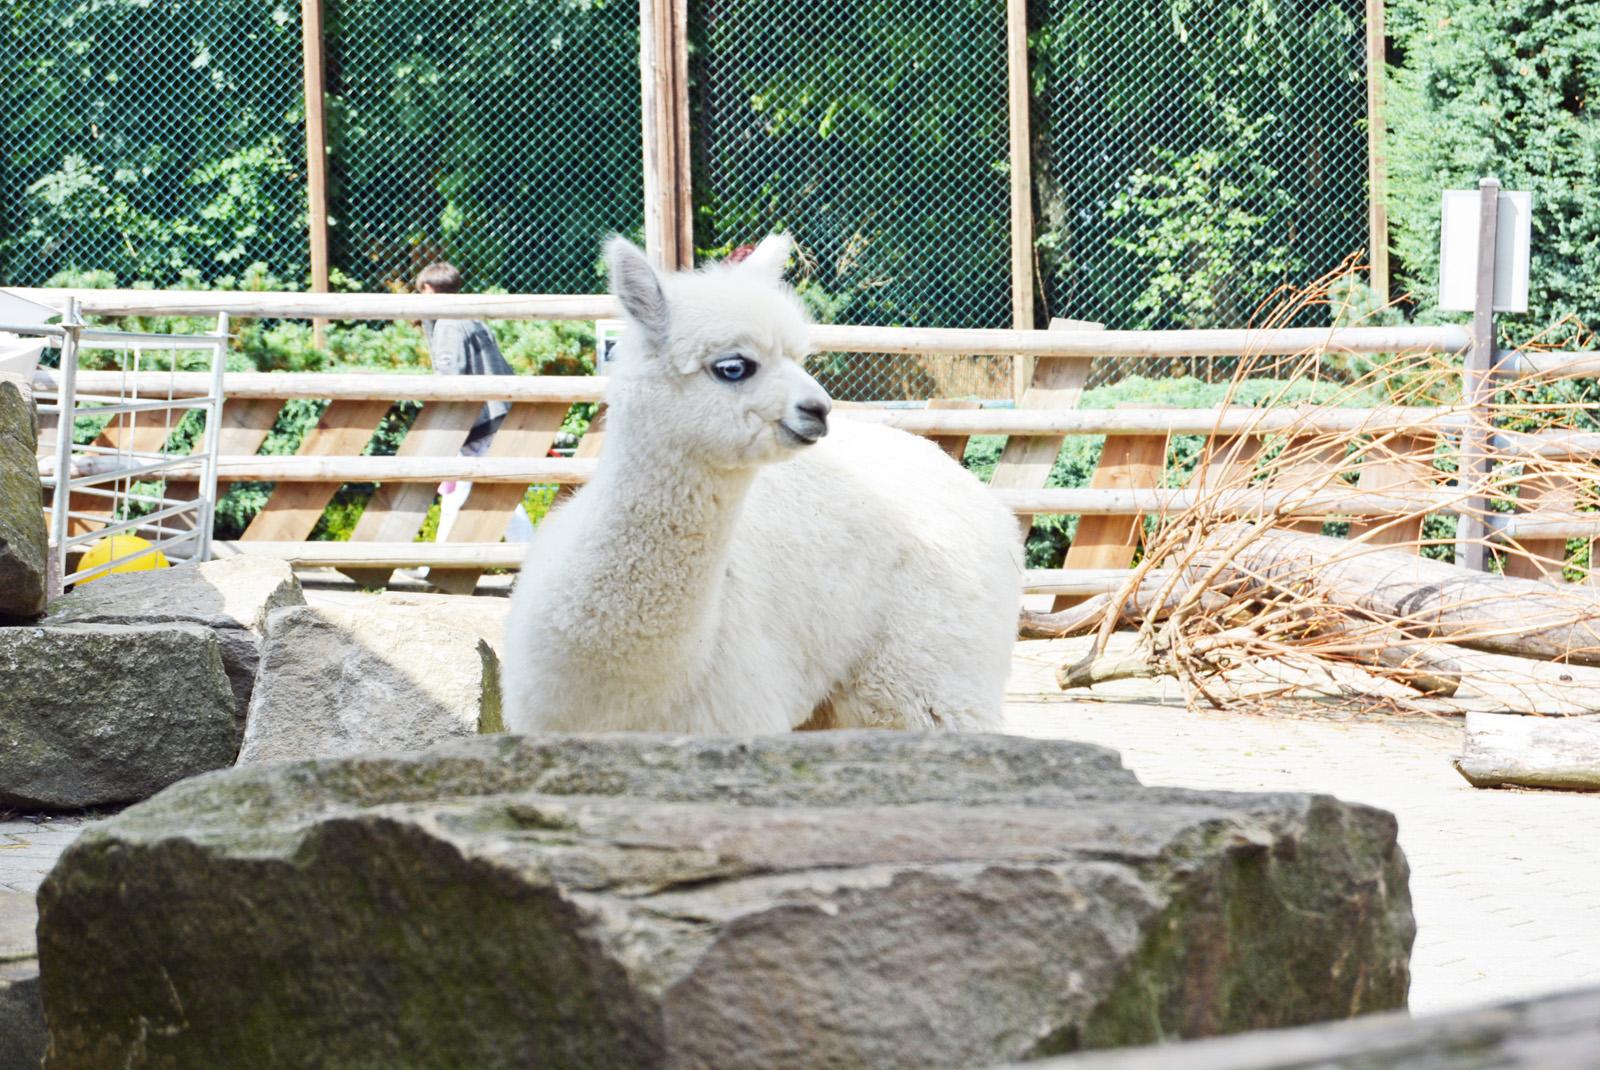 Die SPD-Ratsfraktion übernimmt 2016/17 die Patenschaft für Alpaka-Jungtier Heidi im Bochumer Tierpark. Am Patenschaftstag am Samstag (3. September 2016) erhielt die Fraktion die Urkunde.